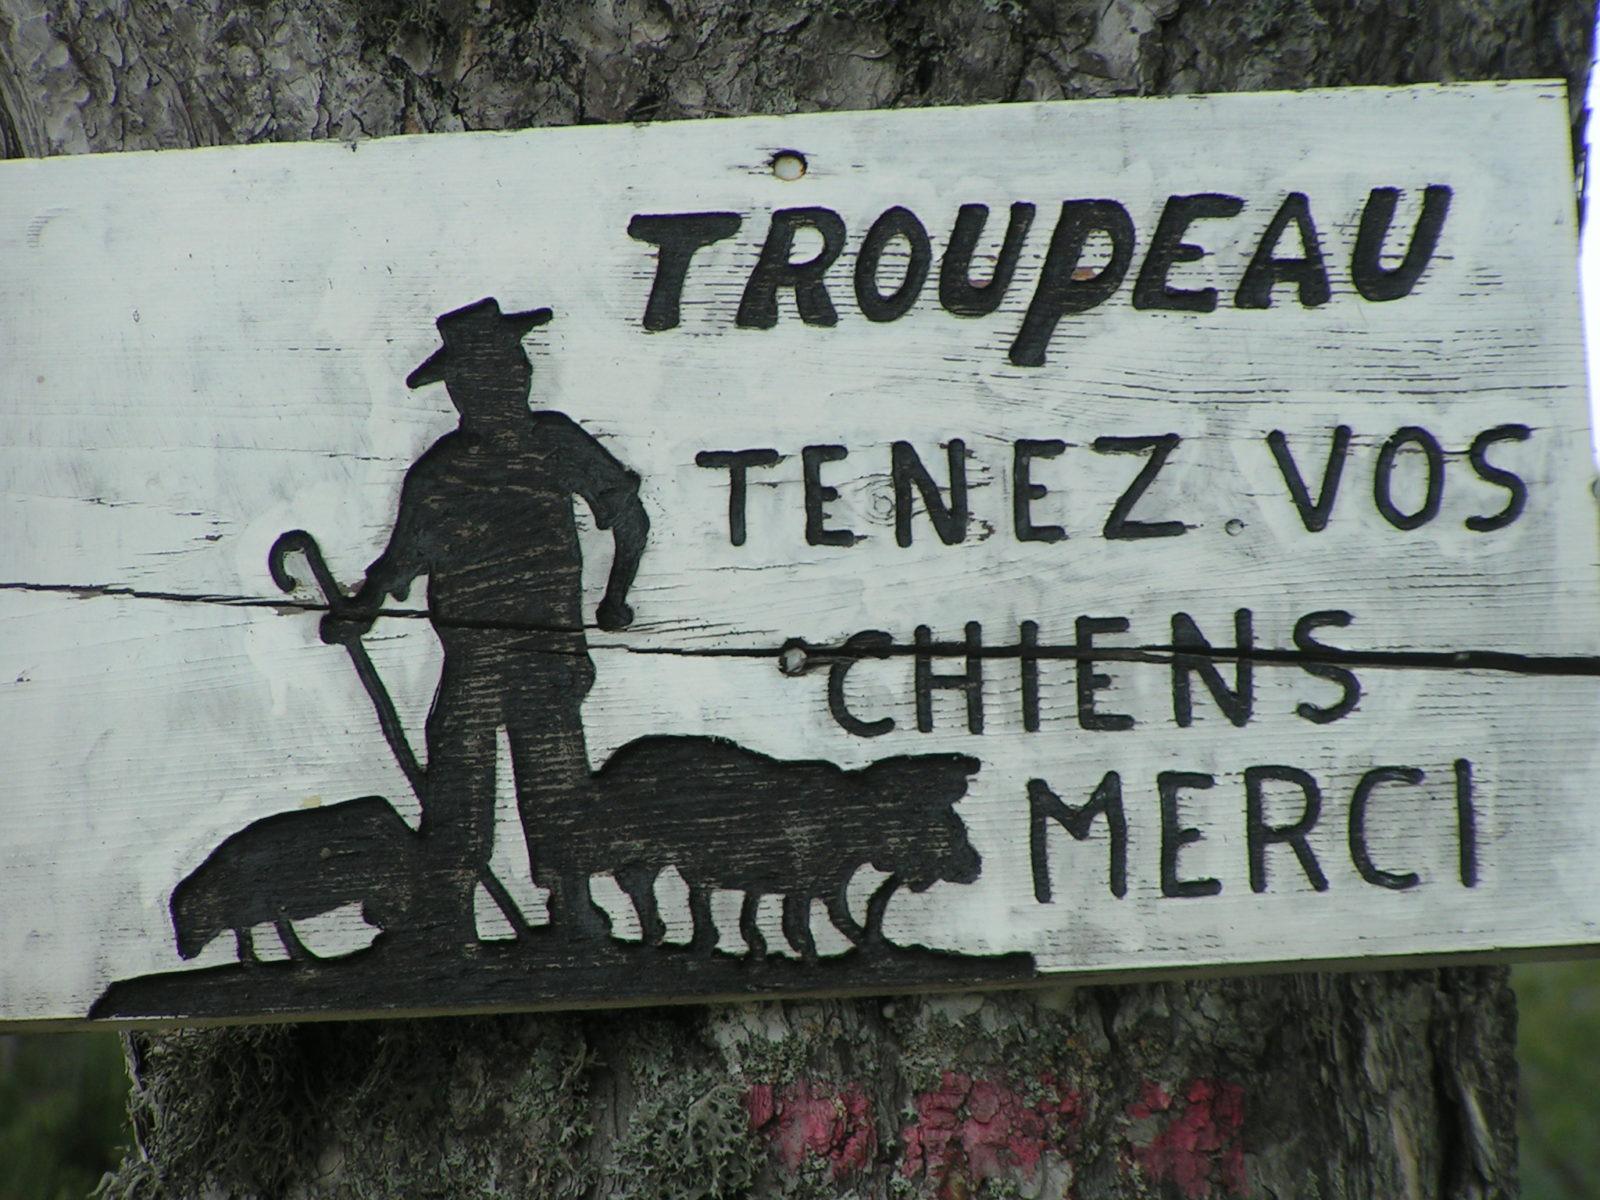 Troupeaux; tenez vos chiens. Merci.